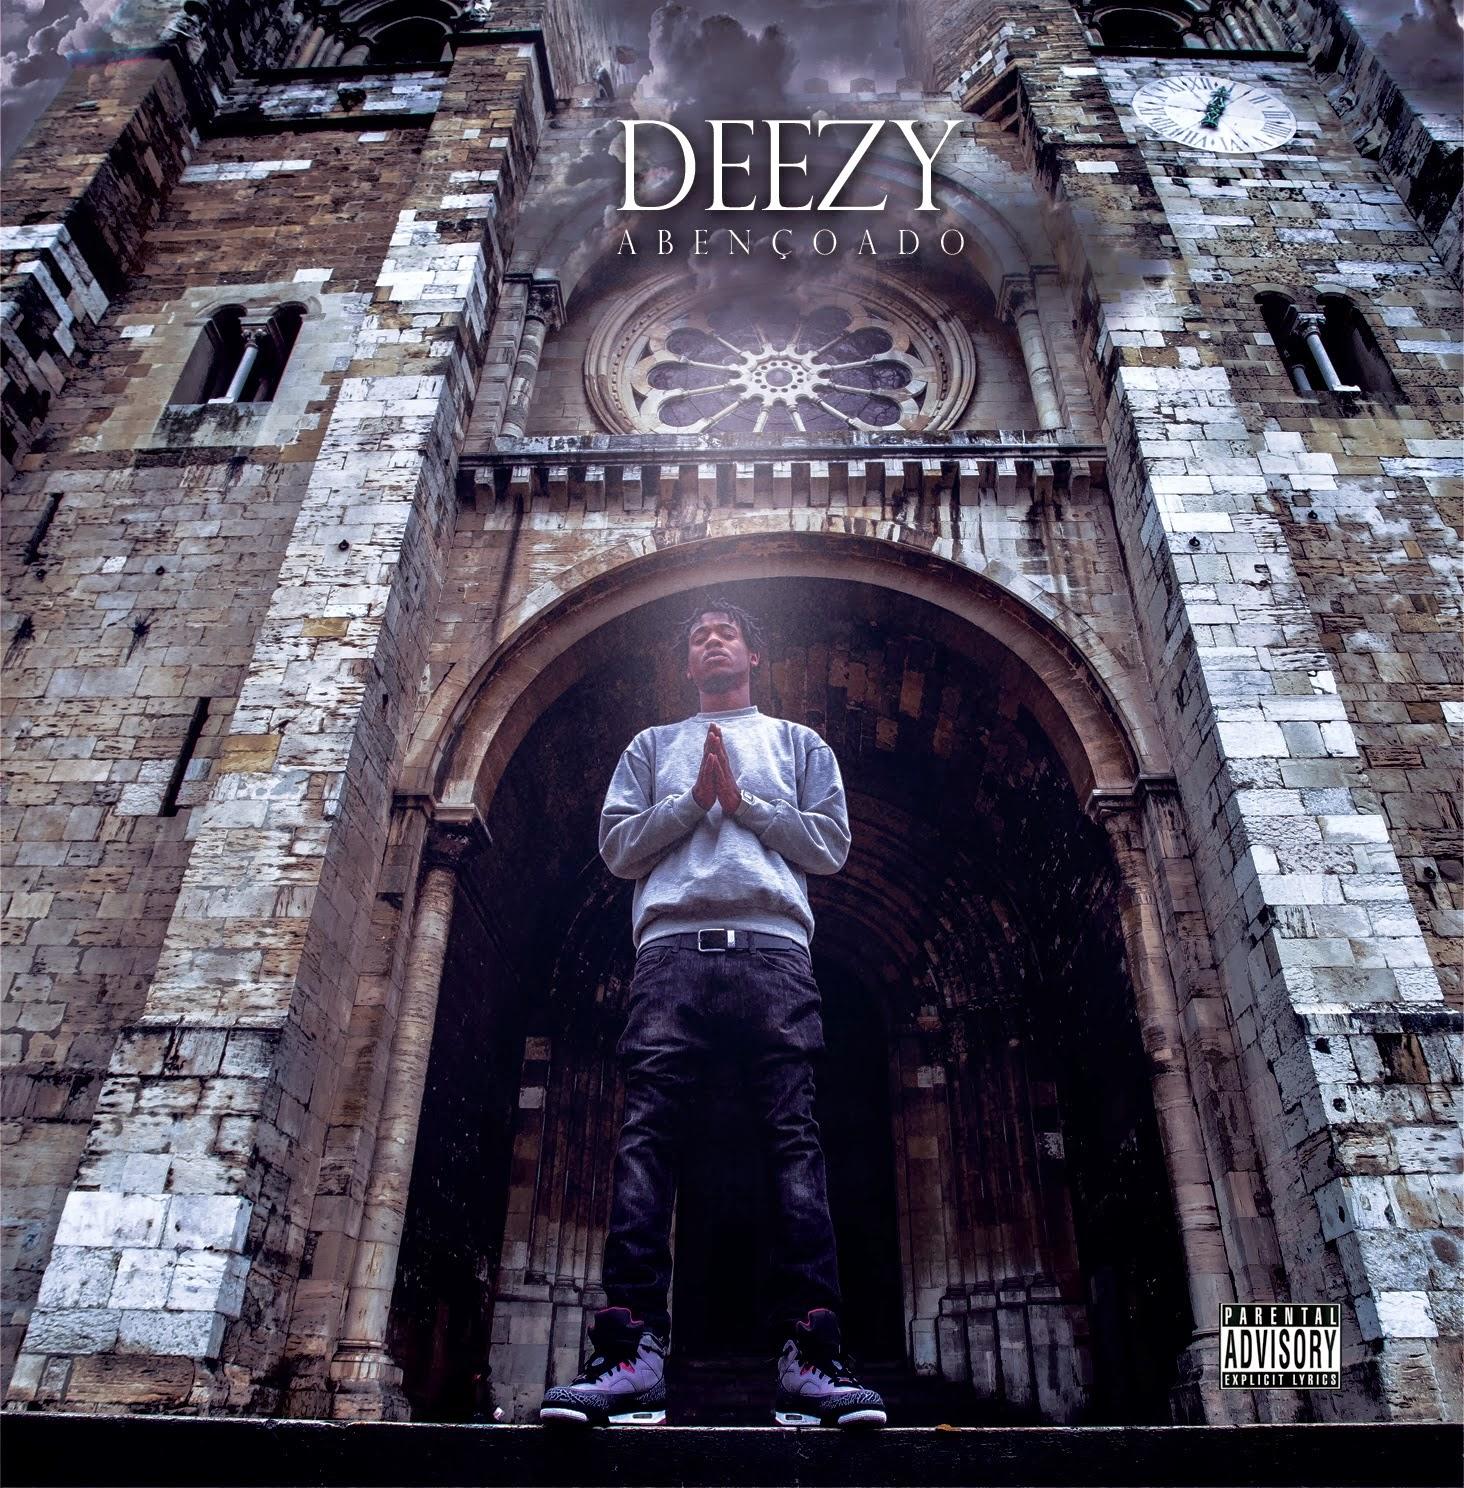 Deezy - Abençoado